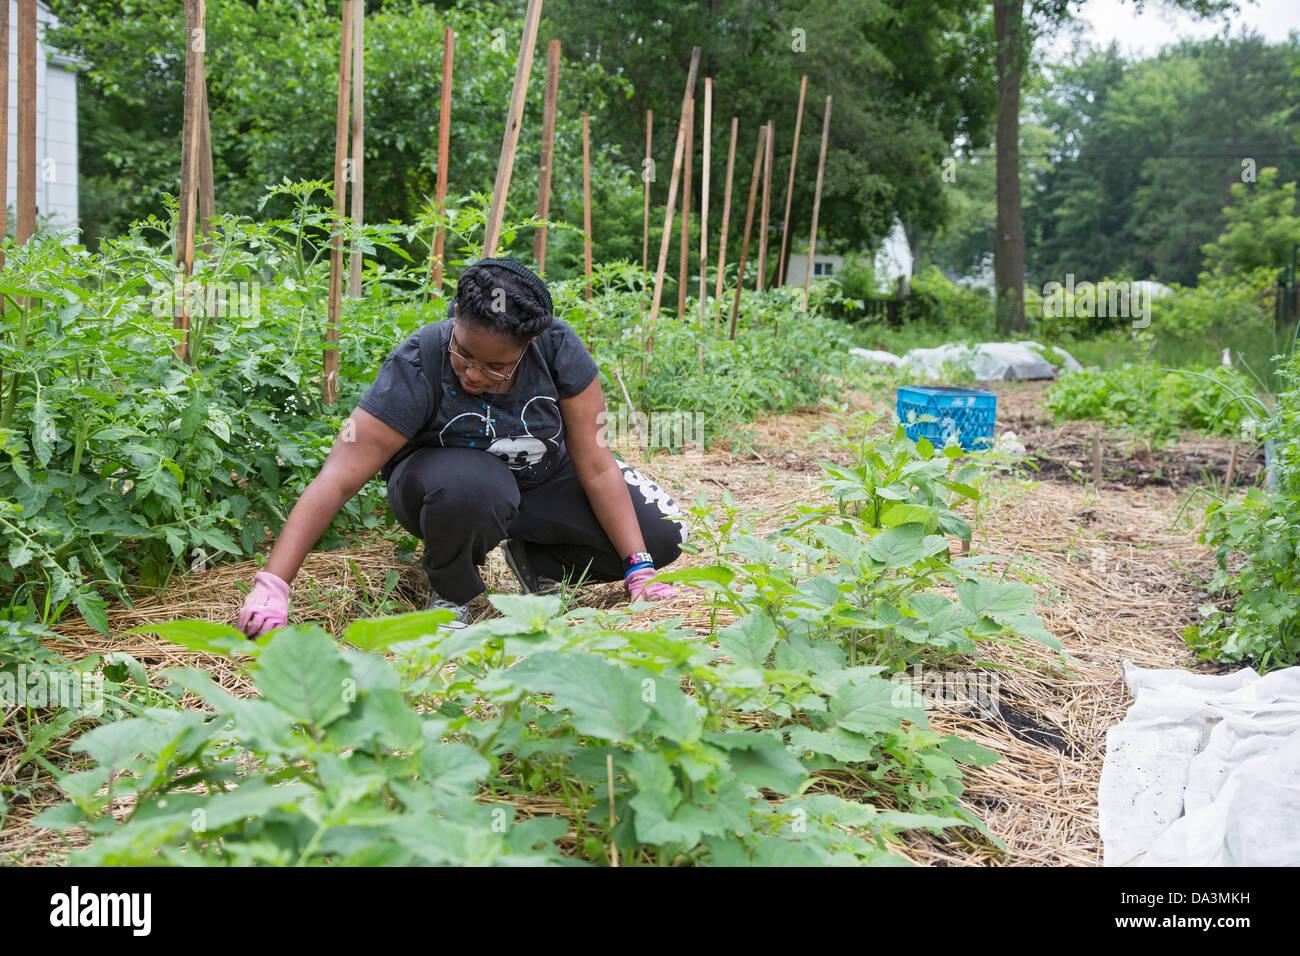 Un estudiante universitario trabaja como pasante en un jardín comunitario en Brightmoor, uno de los barrios Imagen De Stock